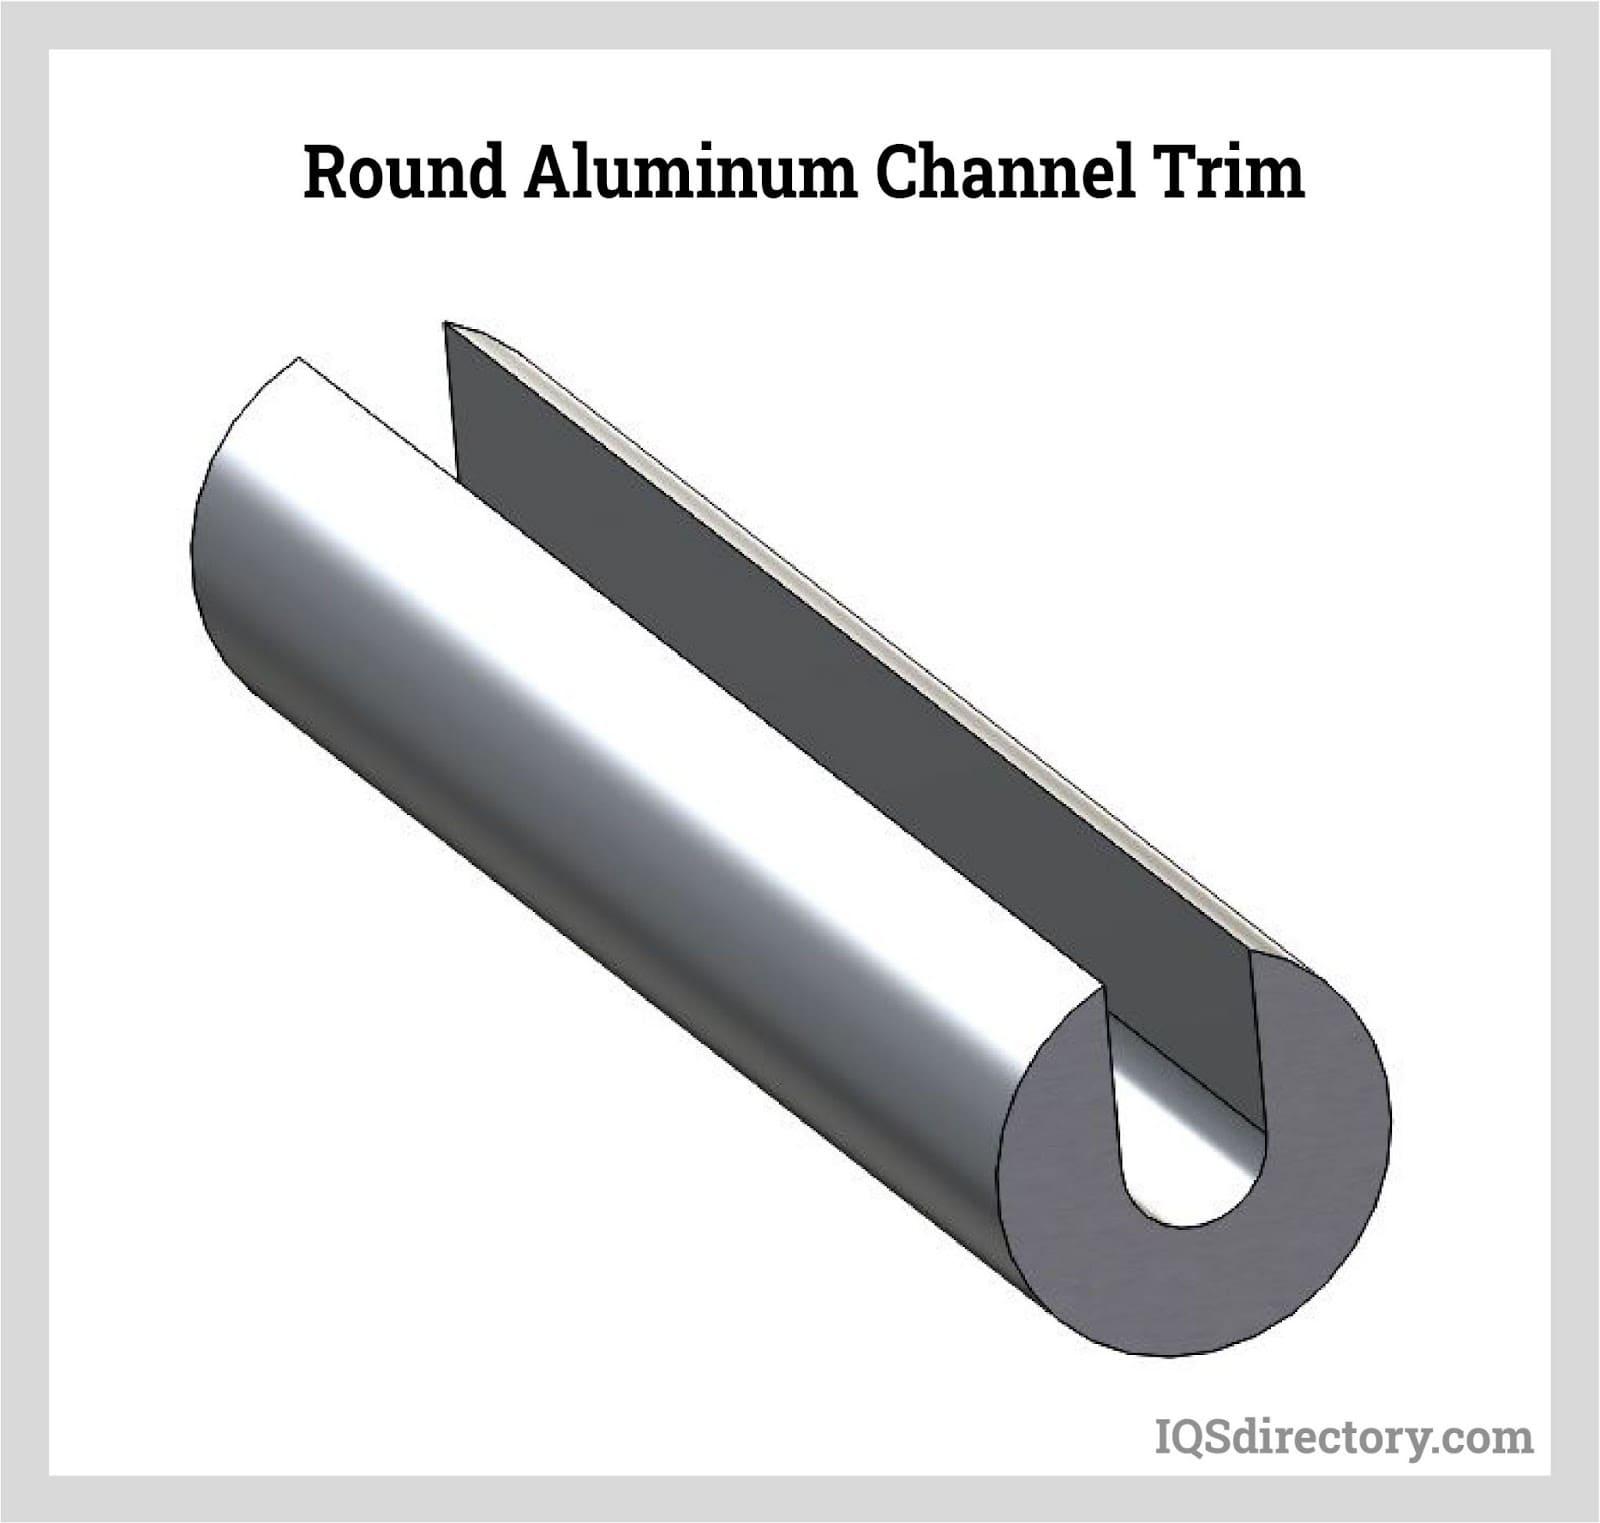 Round Aluminum Channel Trim